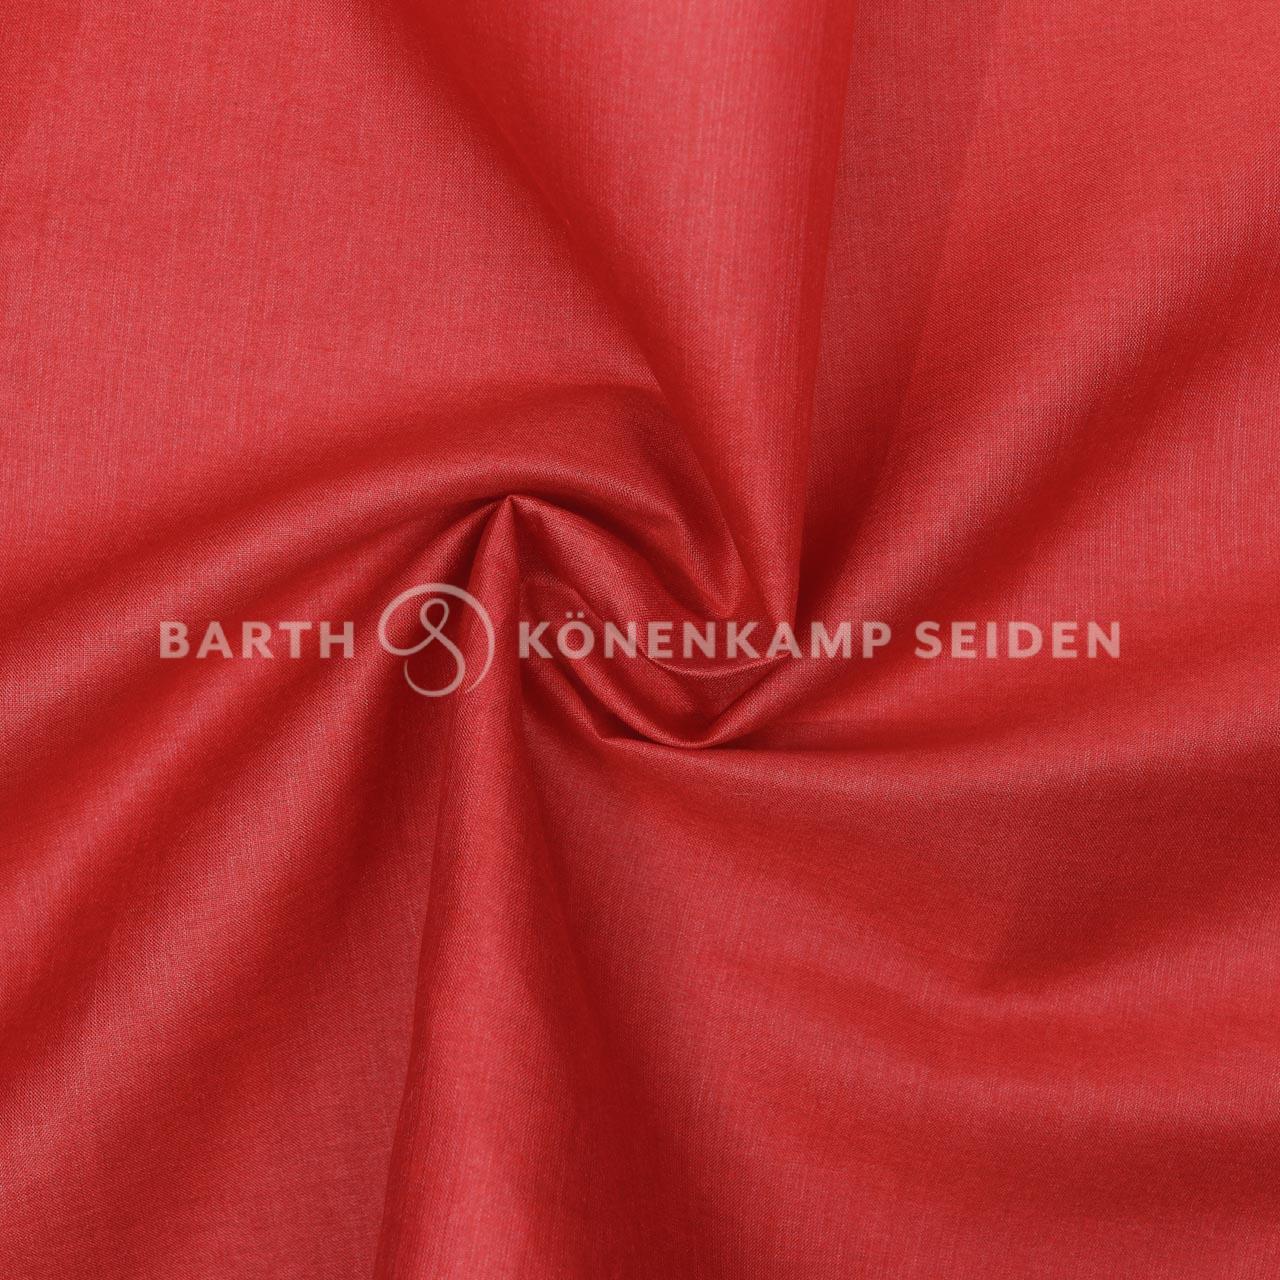 3500-511 / Tussah Modal dyed